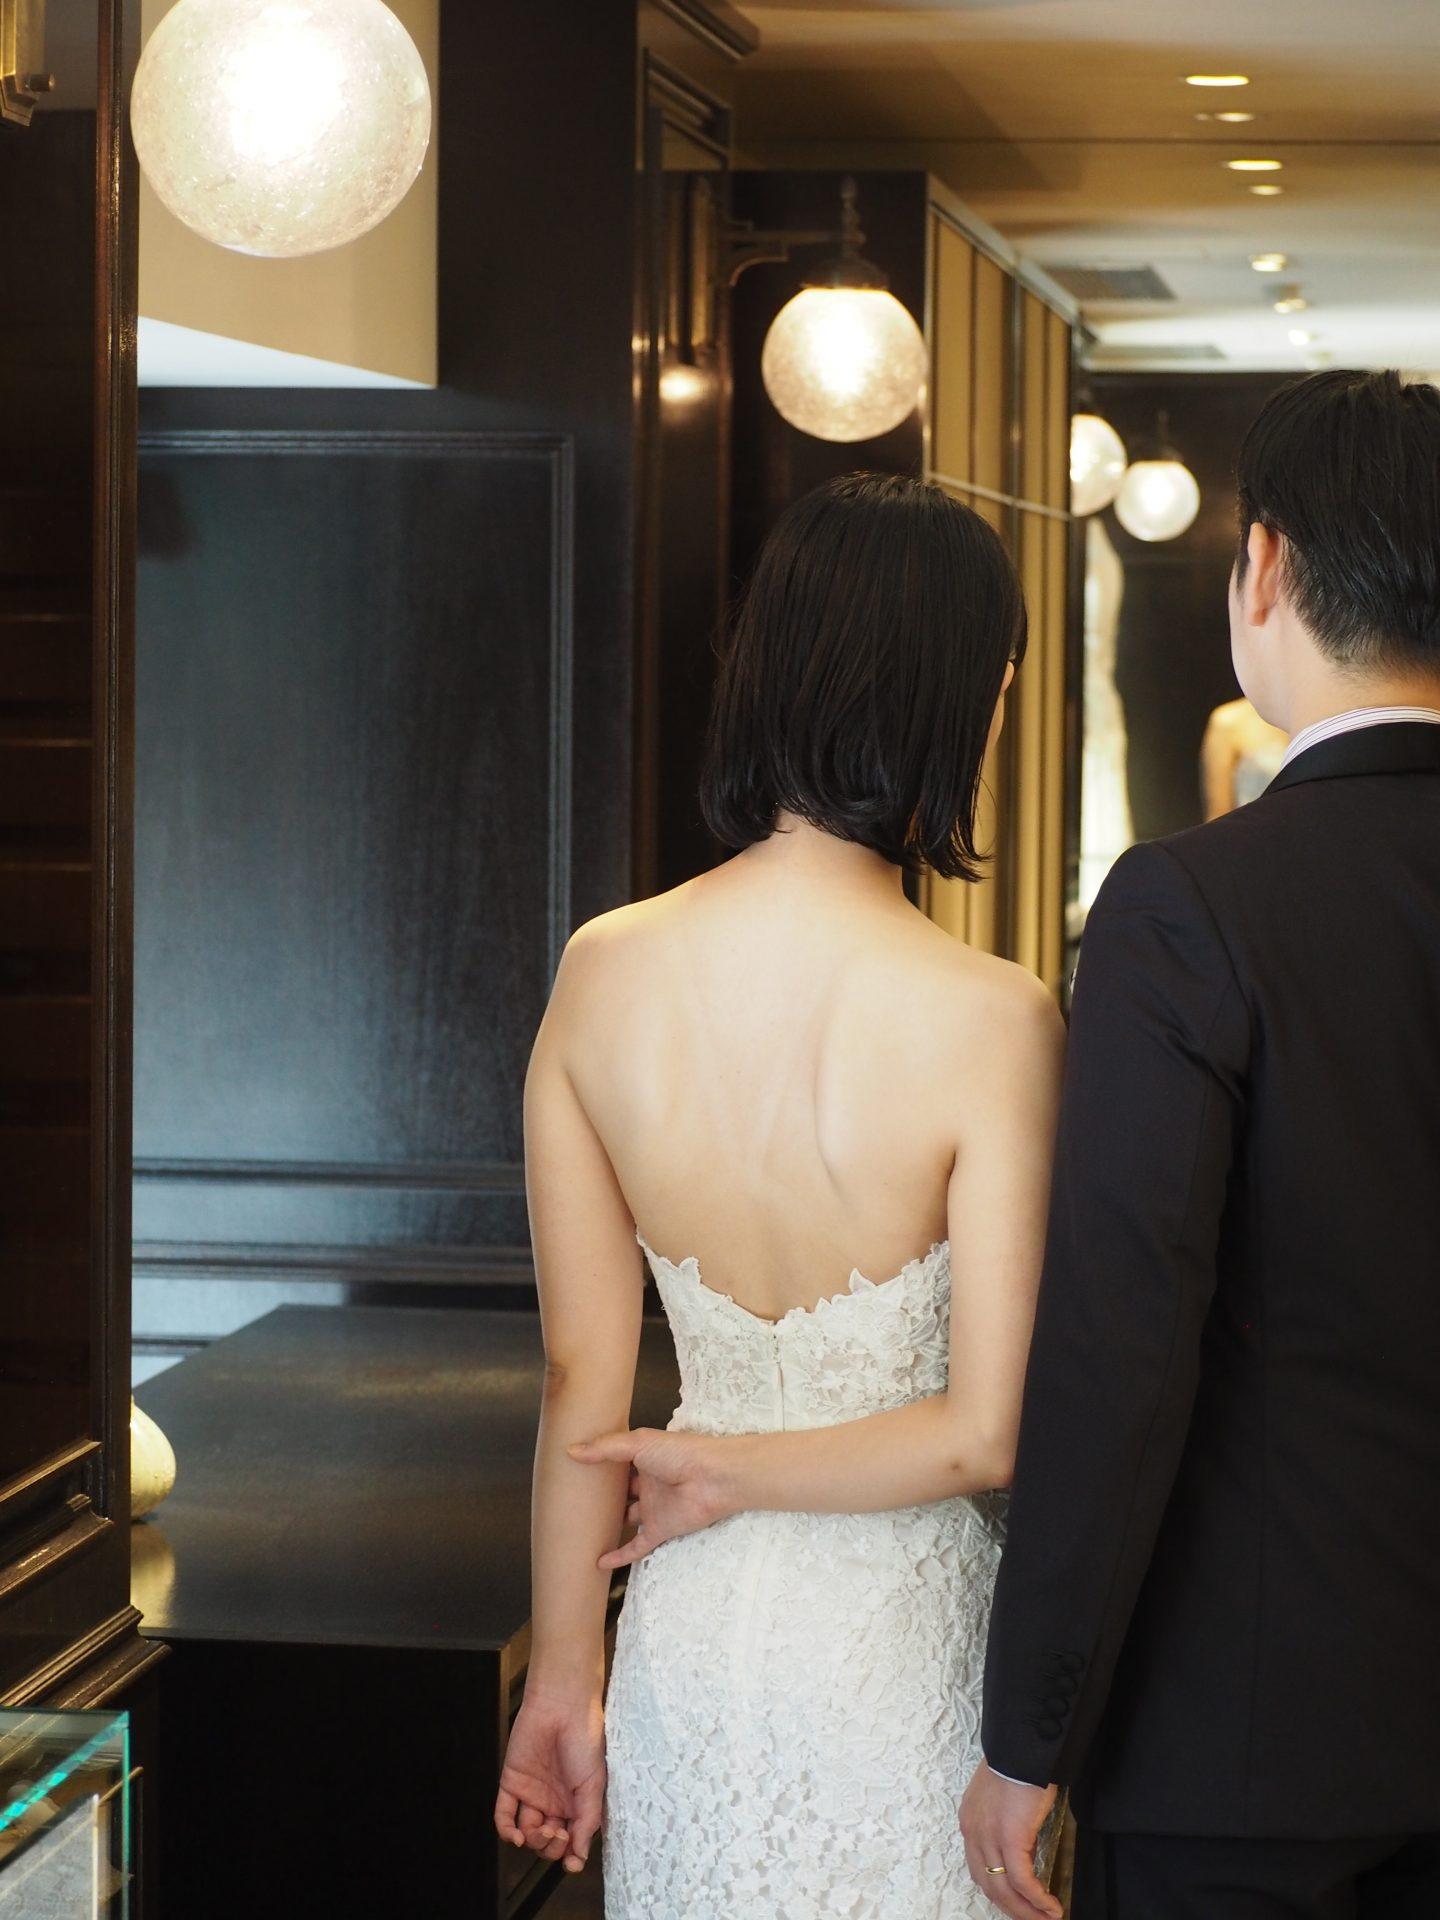 トリートドレッシング神戸店にてお取り扱いのあるモニークルイリエのドレスのご紹介